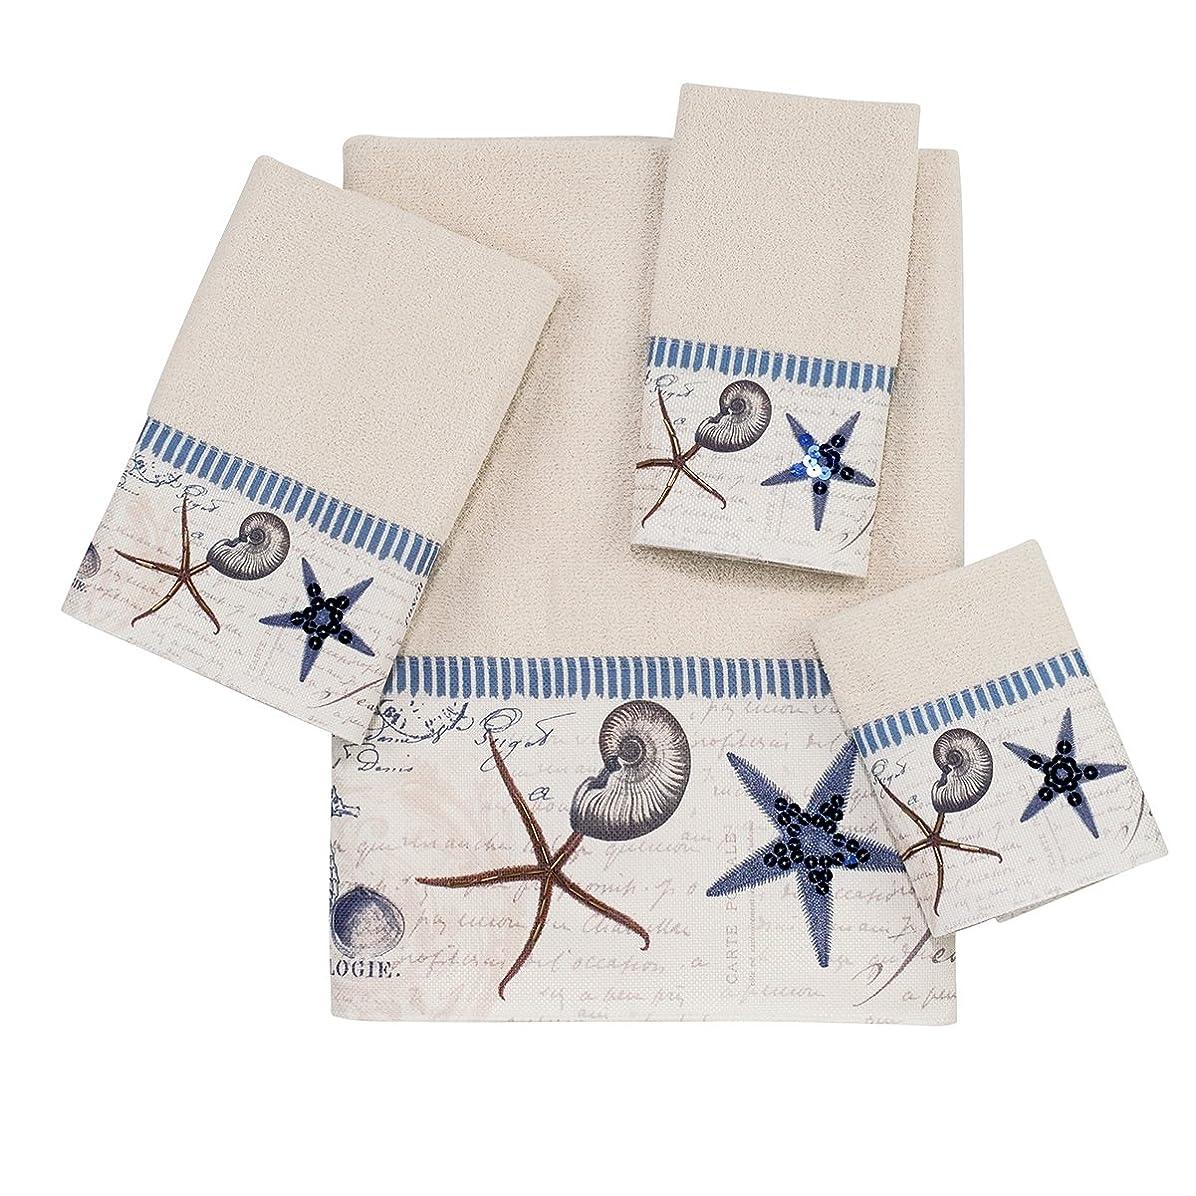 気性ペック女性Avanti Linens Antigua 4-Piece Towel Set, Includes 1 Bath, 1 Hand, 1 Wash and 1 Fingertip Towel, Ivory